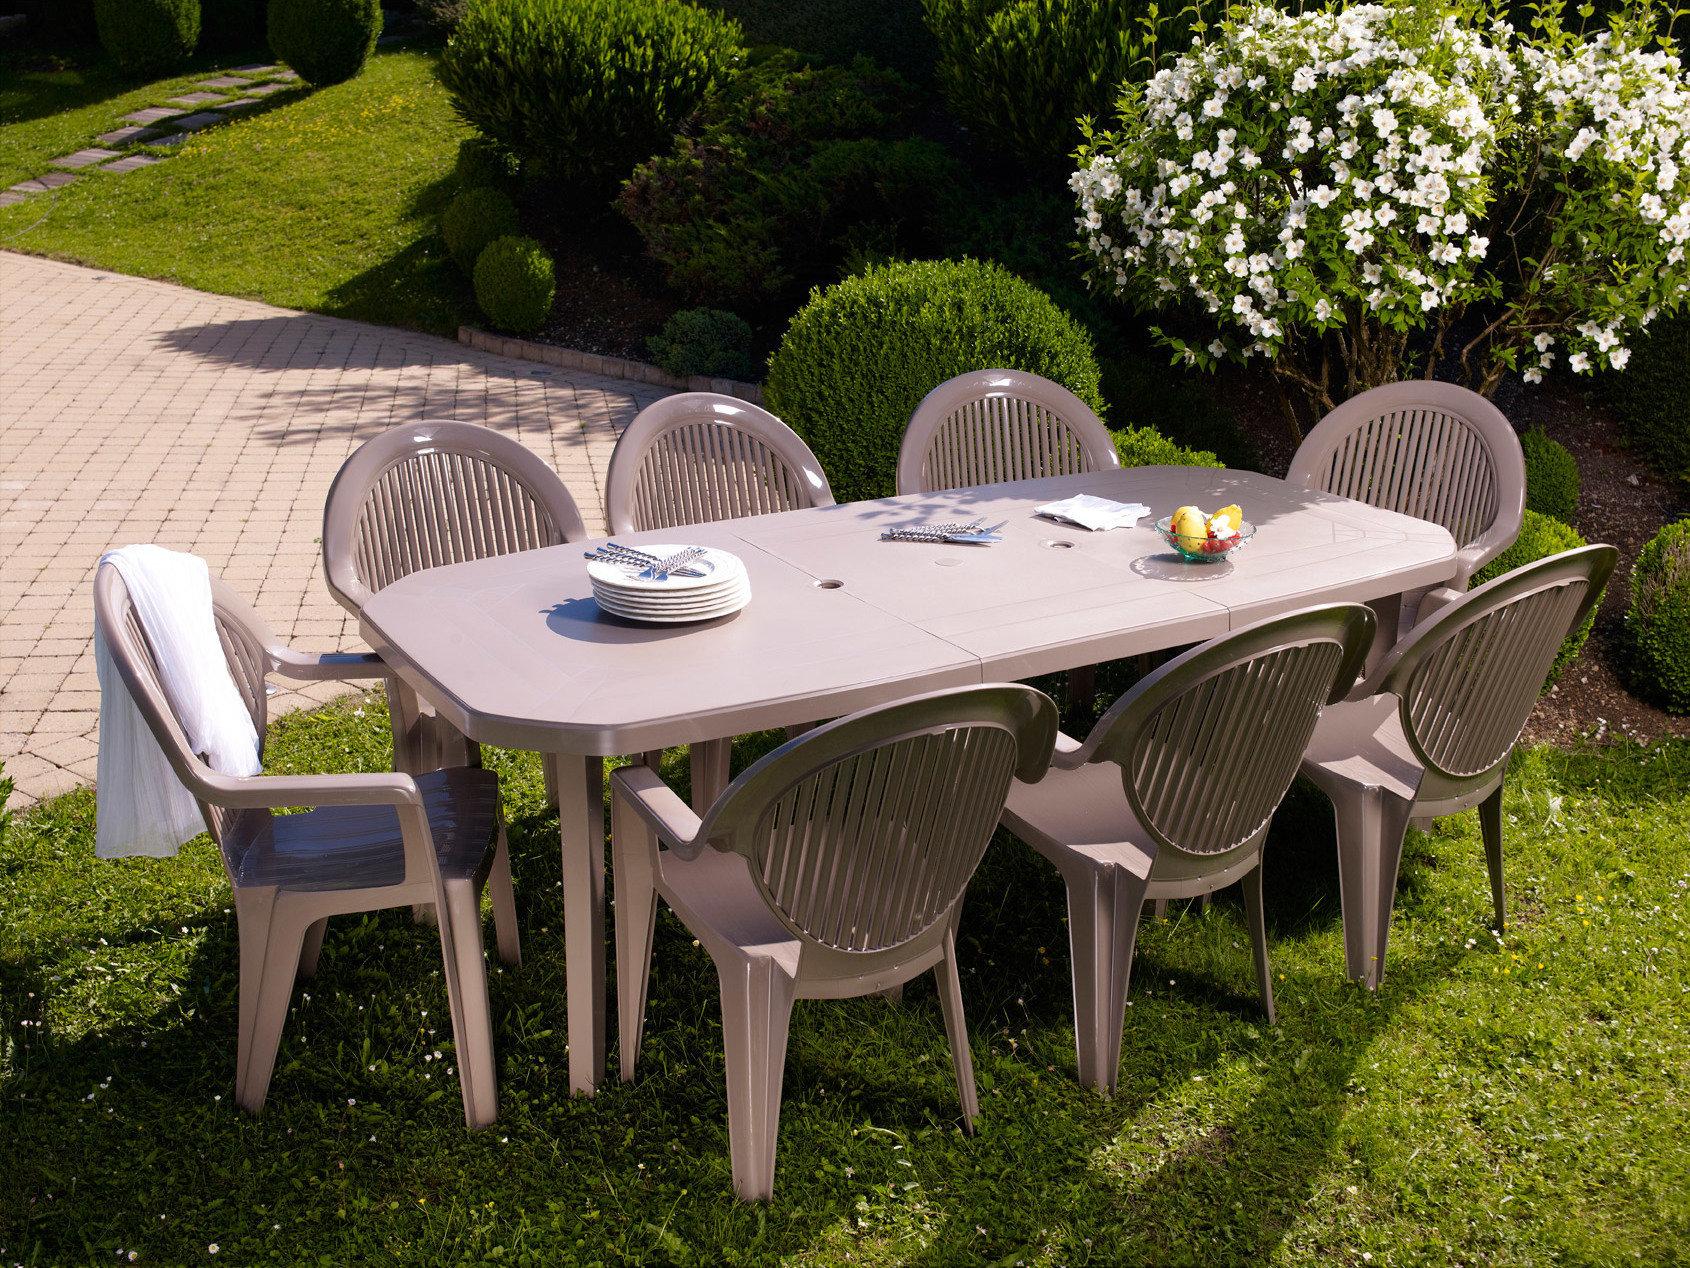 Salon De Jardin Grosfillex Taupe | Beautiful Salon De Jardin ...